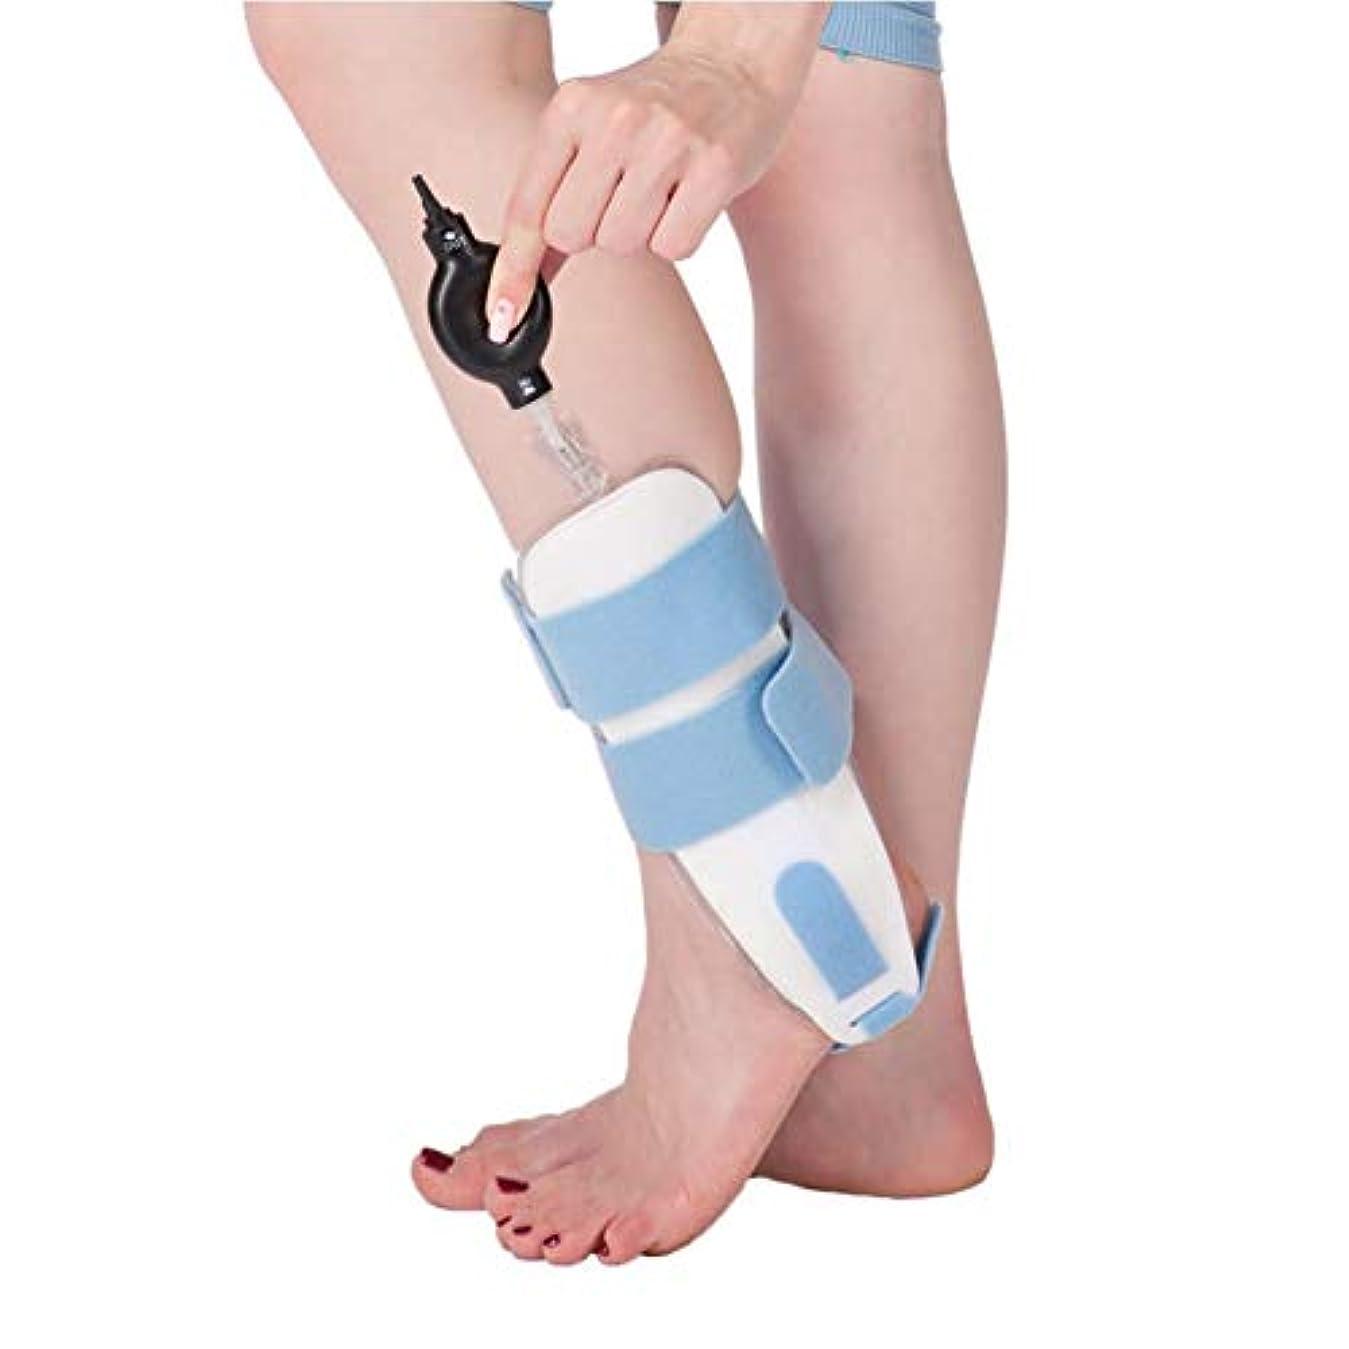 ダルセット高速道路消去足首の装具の膨脹可能な足首の保護装置は石膏の足の捻rainの固定副木を取り替えることができます